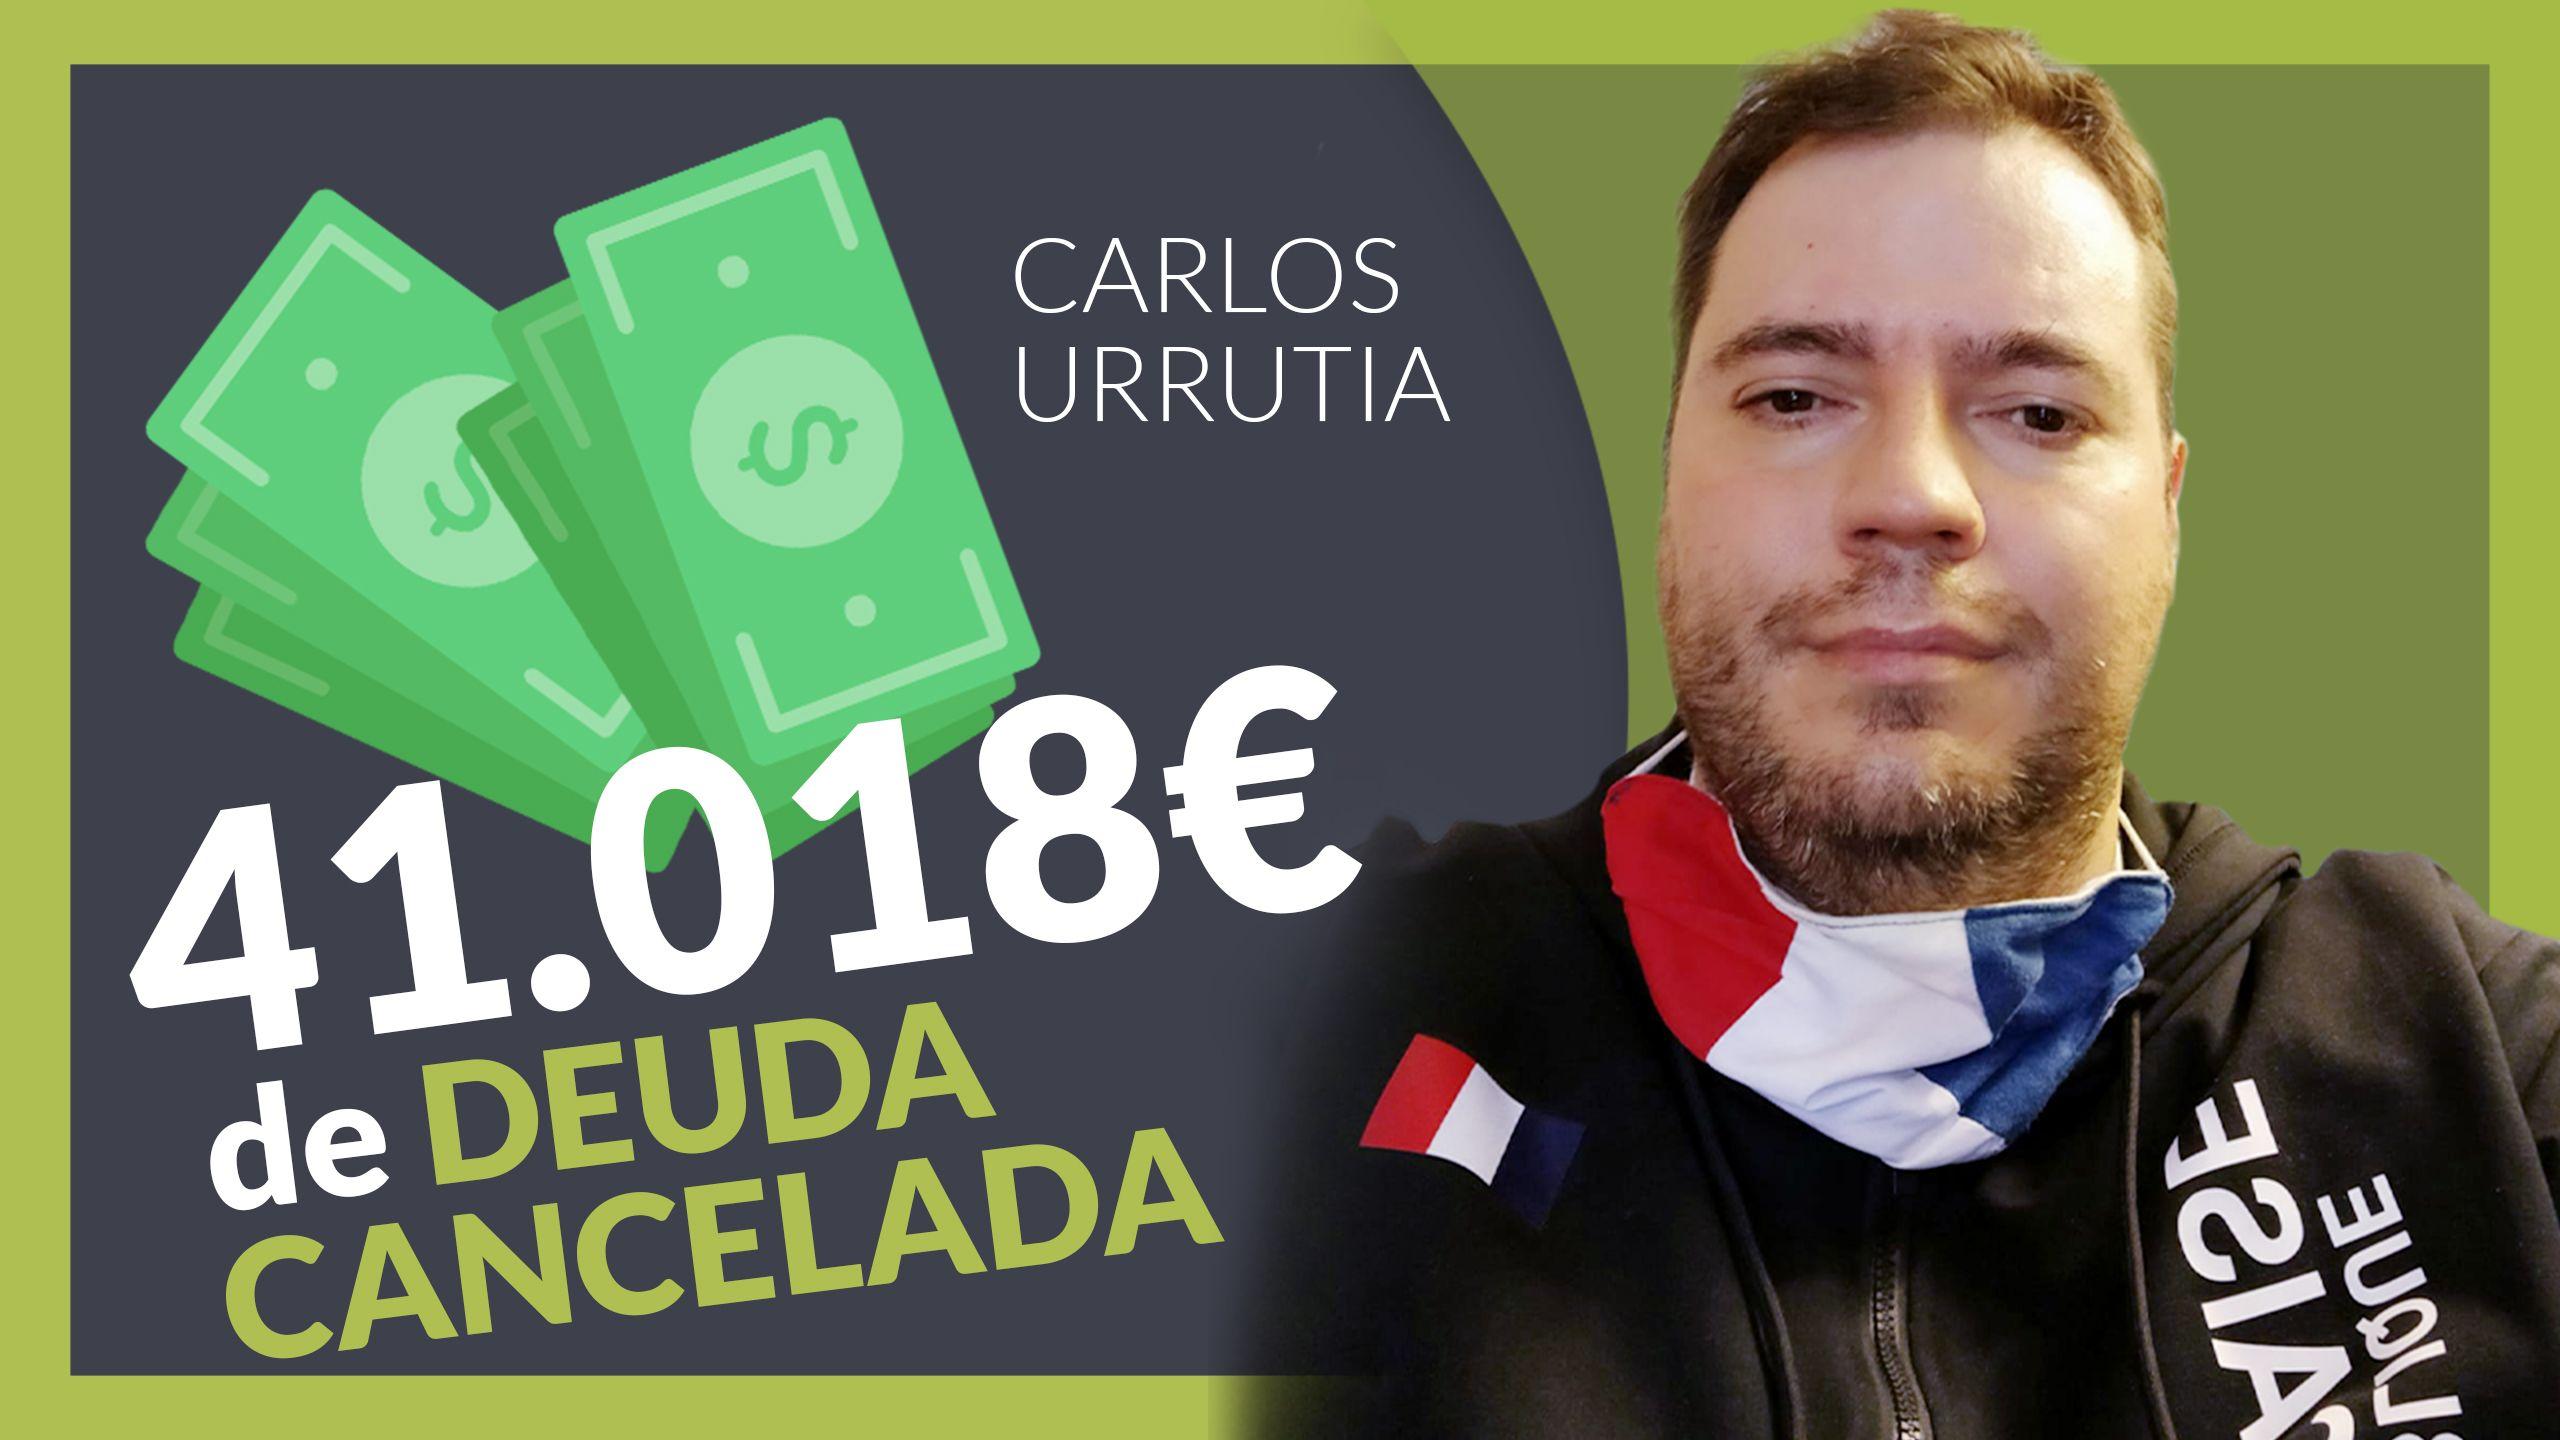 Repara tu Deuda Abogados cancela 41.018 ? de deuda en Barcelona con la Ley de la Segunda Oportunidad